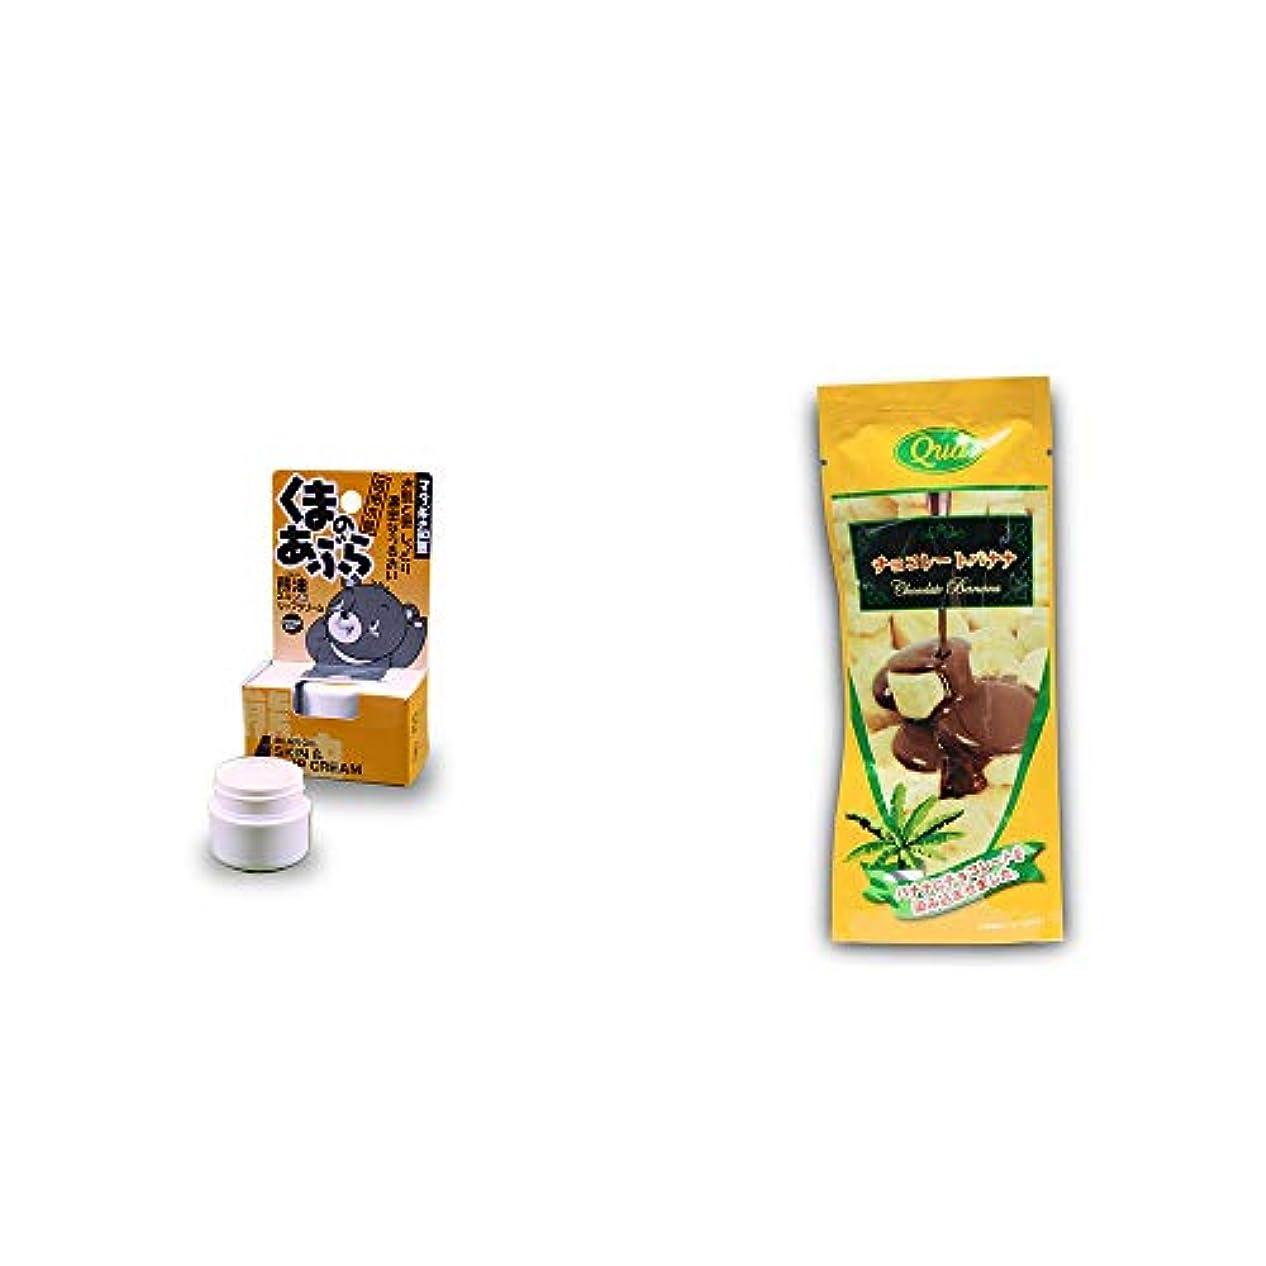 氏火山レジ[2点セット] 信州木曽 くまのあぶら 熊油スキン&リップクリーム(9g)?フリーズドライ チョコレートバナナ(50g)